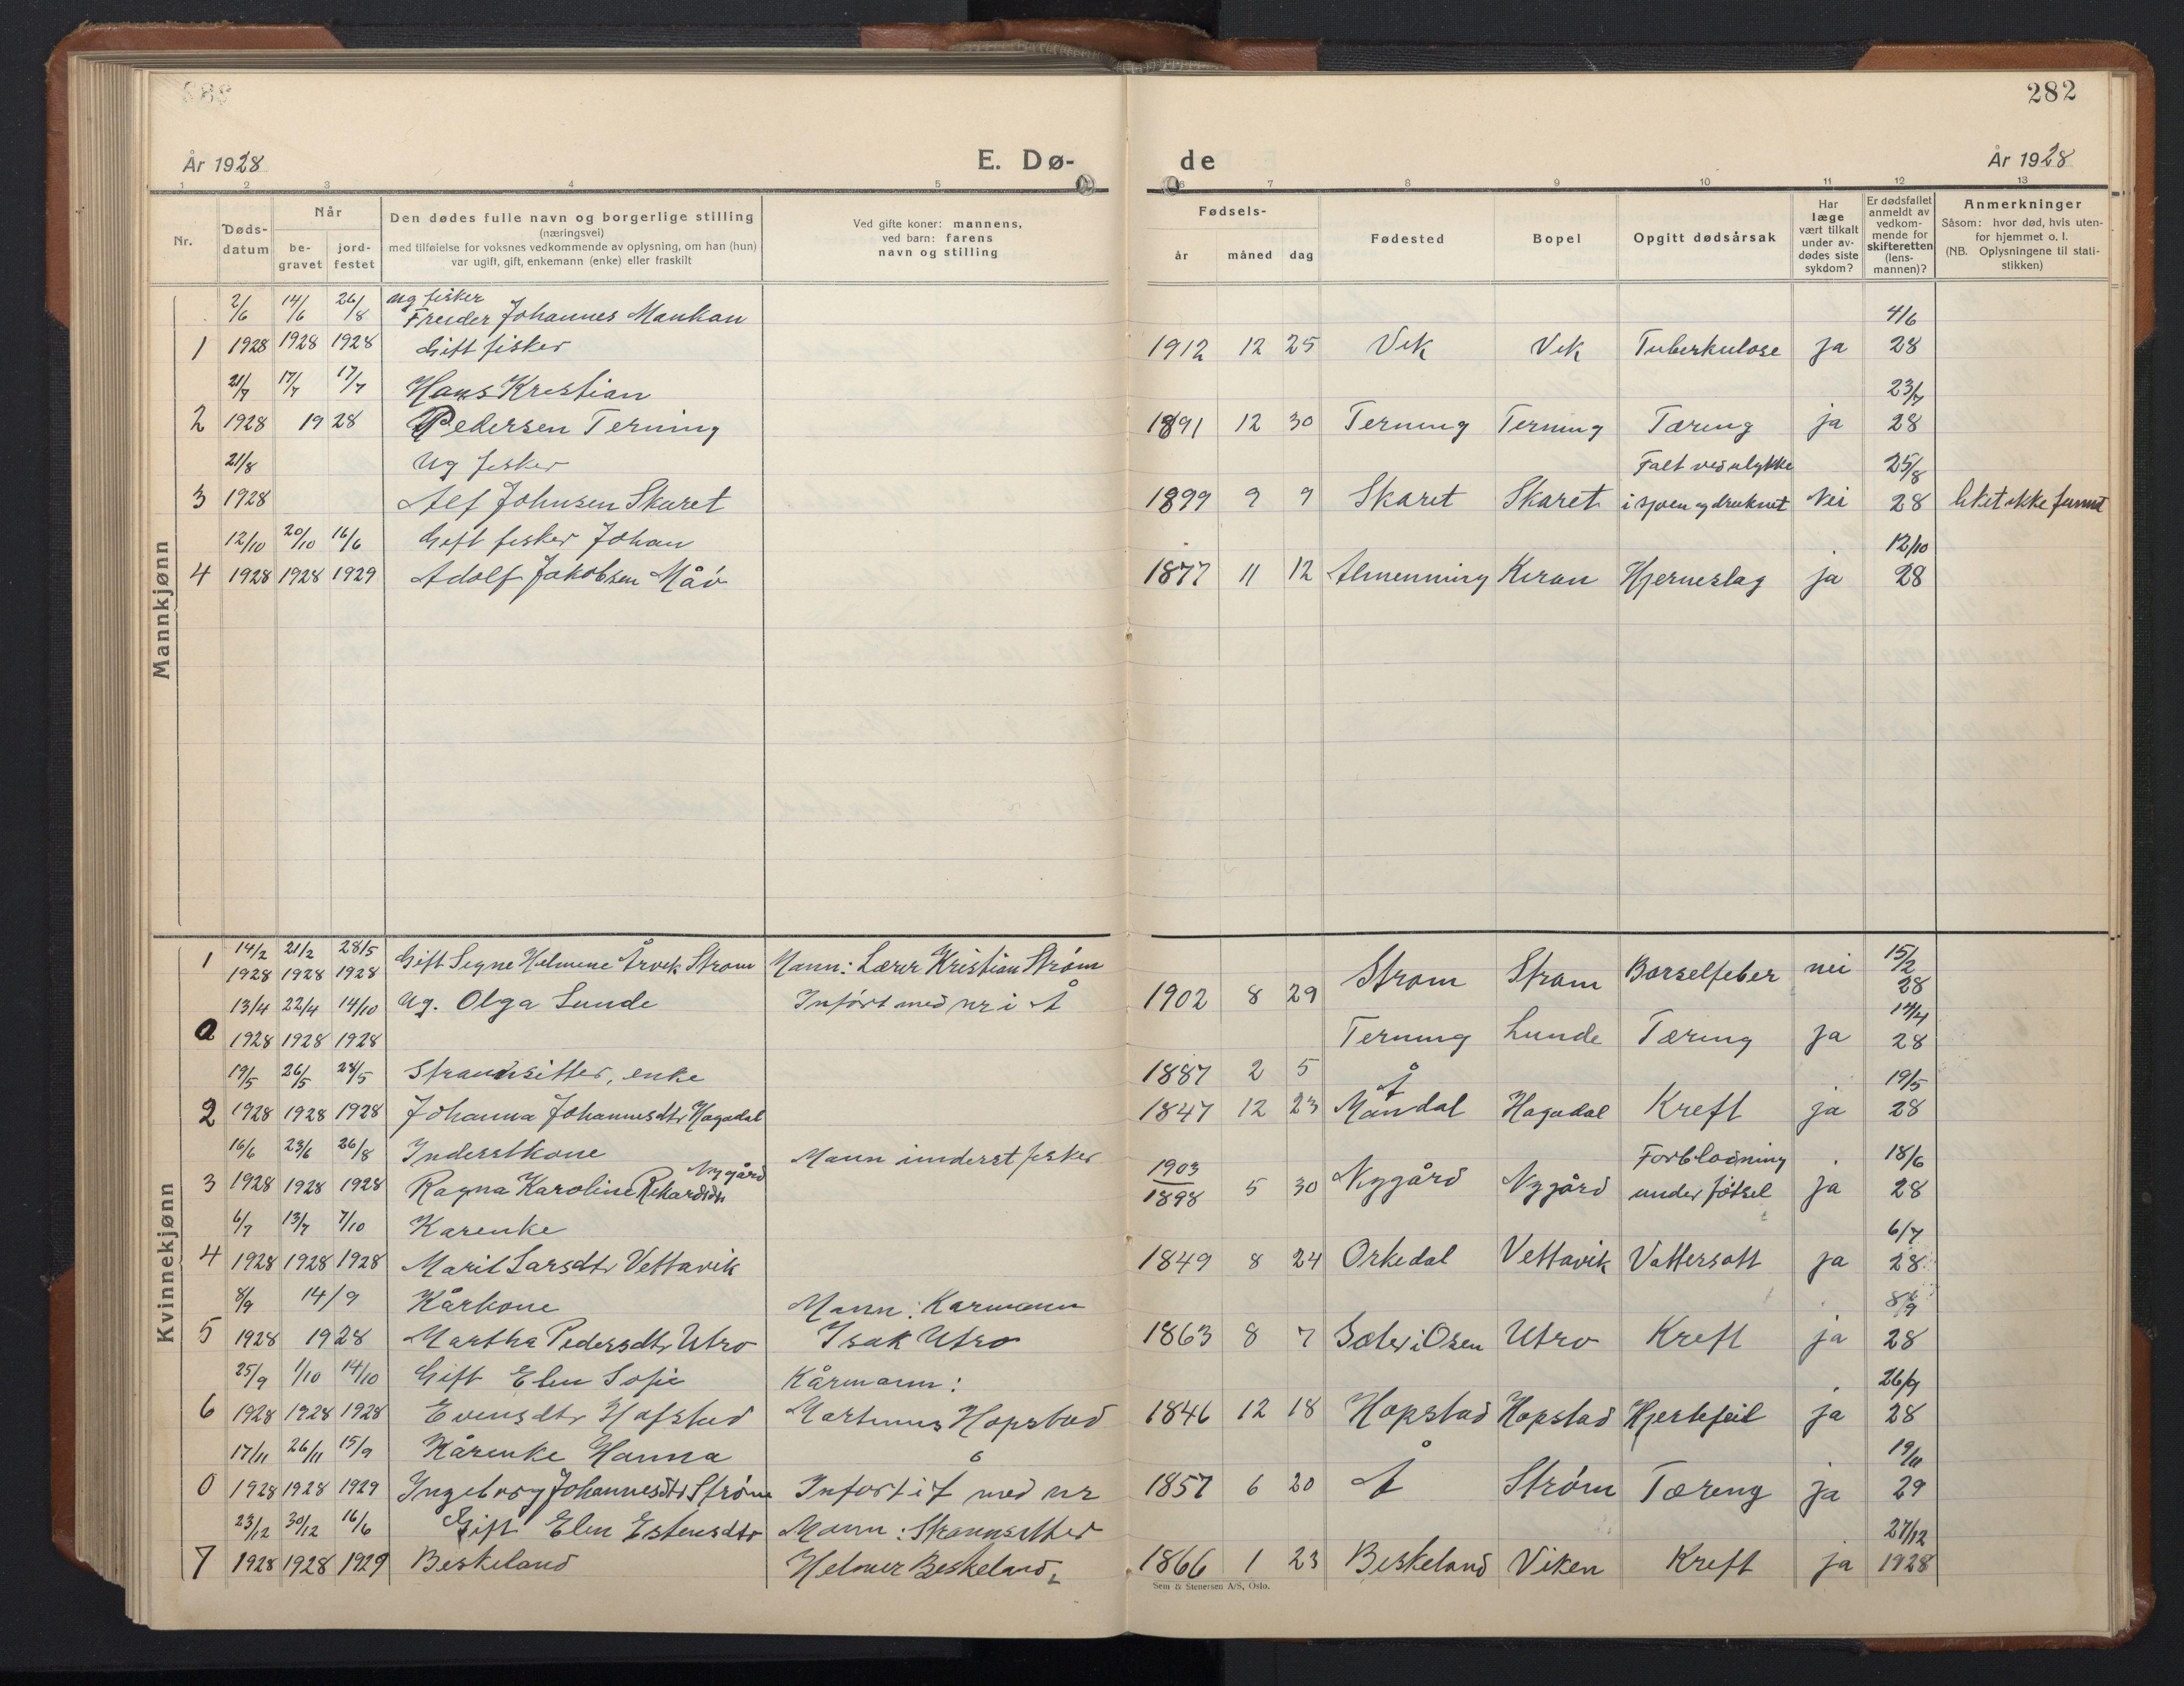 SAT, Ministerialprotokoller, klokkerbøker og fødselsregistre - Sør-Trøndelag, 657/L0718: Klokkerbok nr. 657C05, 1923-1948, s. 282